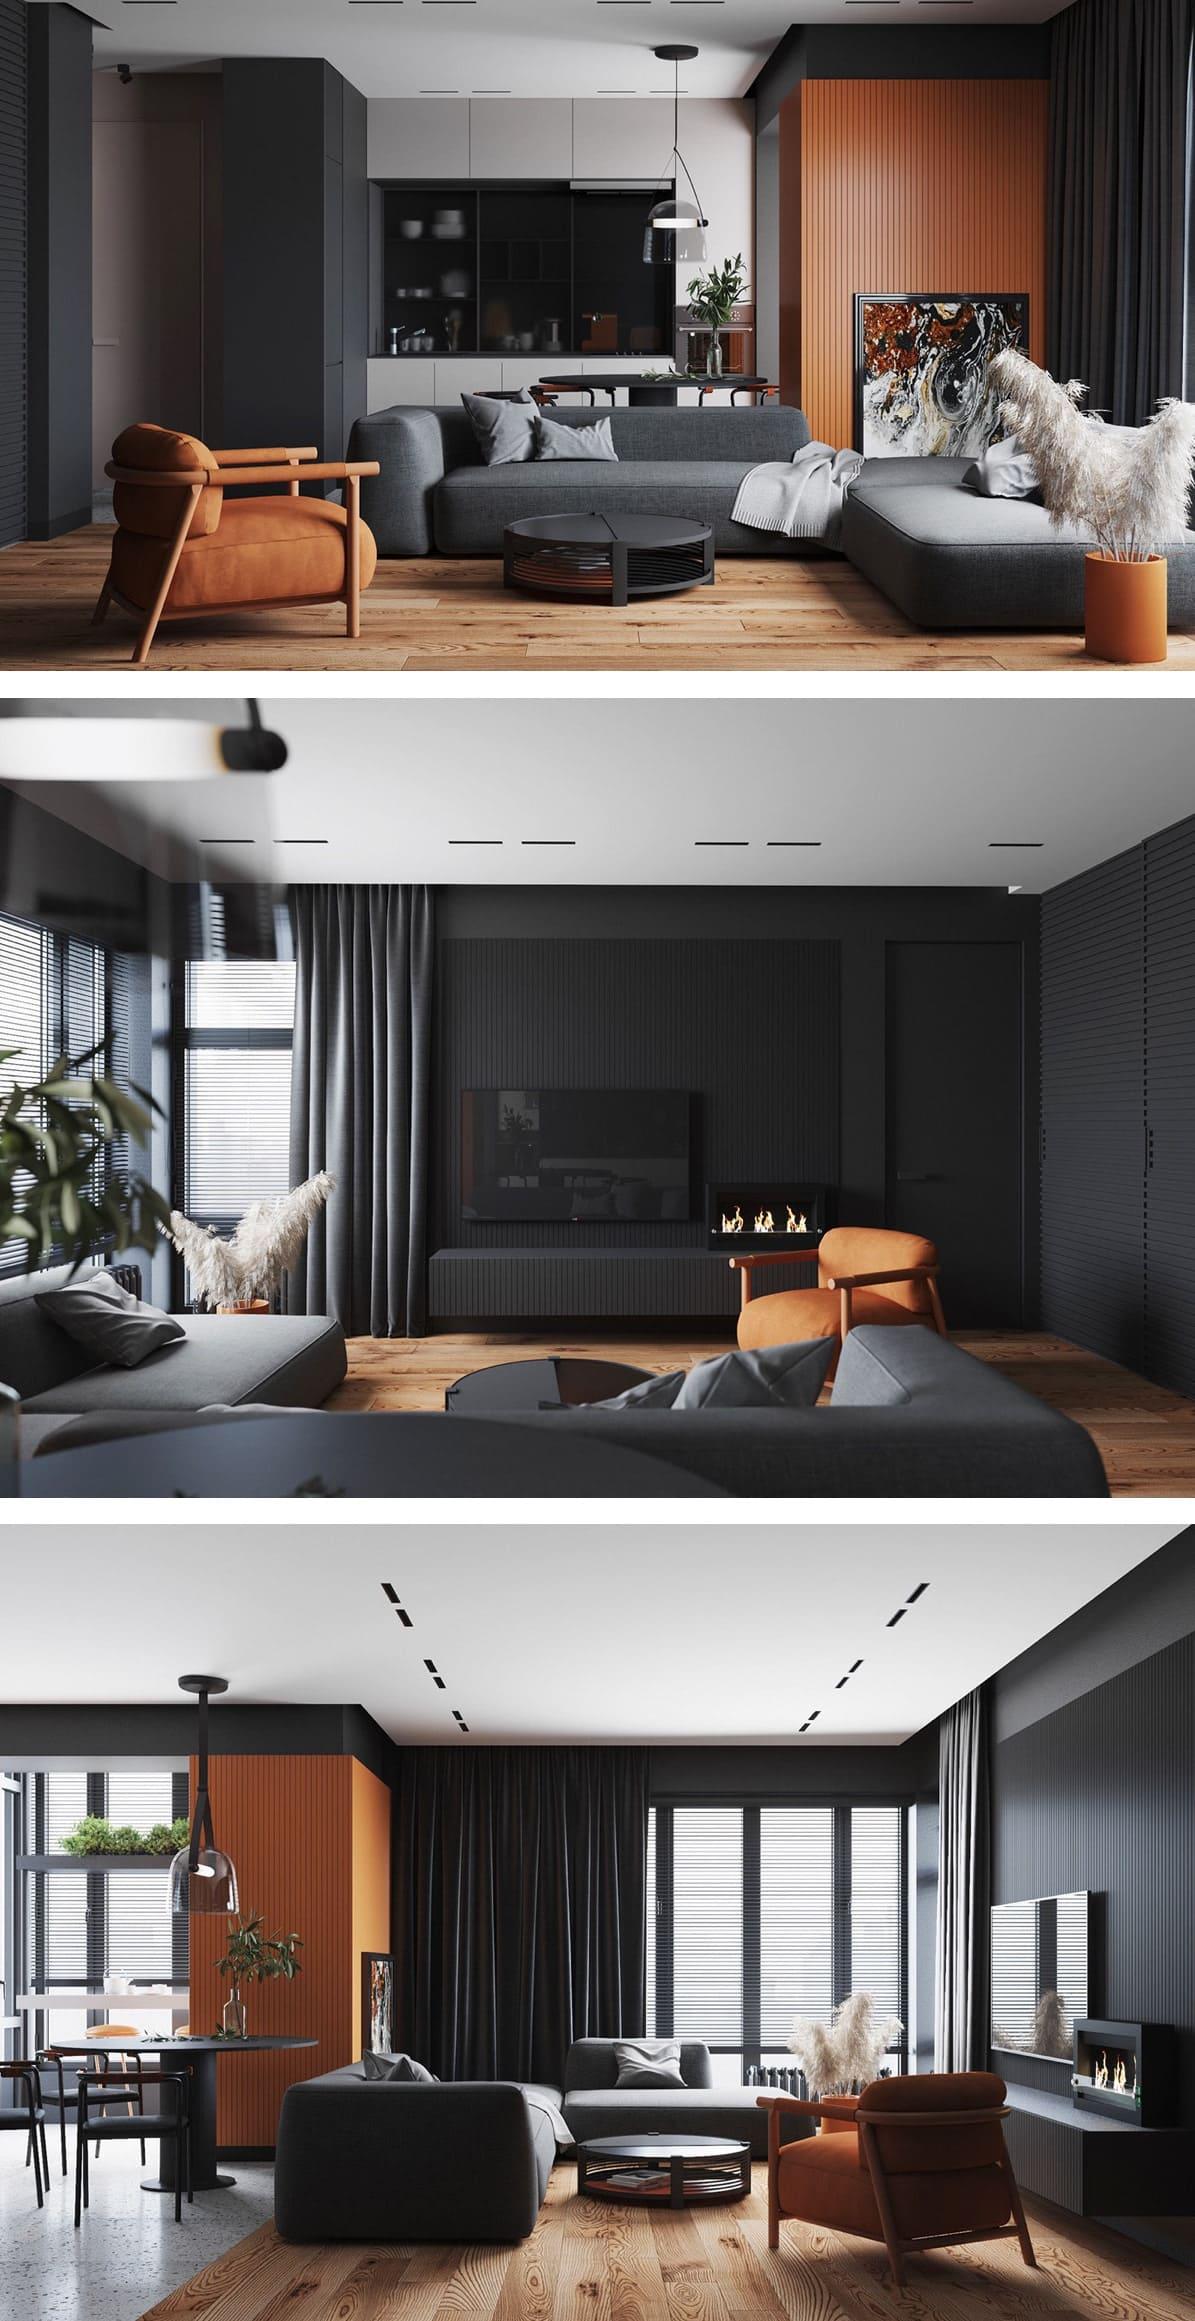 дизайн интерьера гостиной фото 26